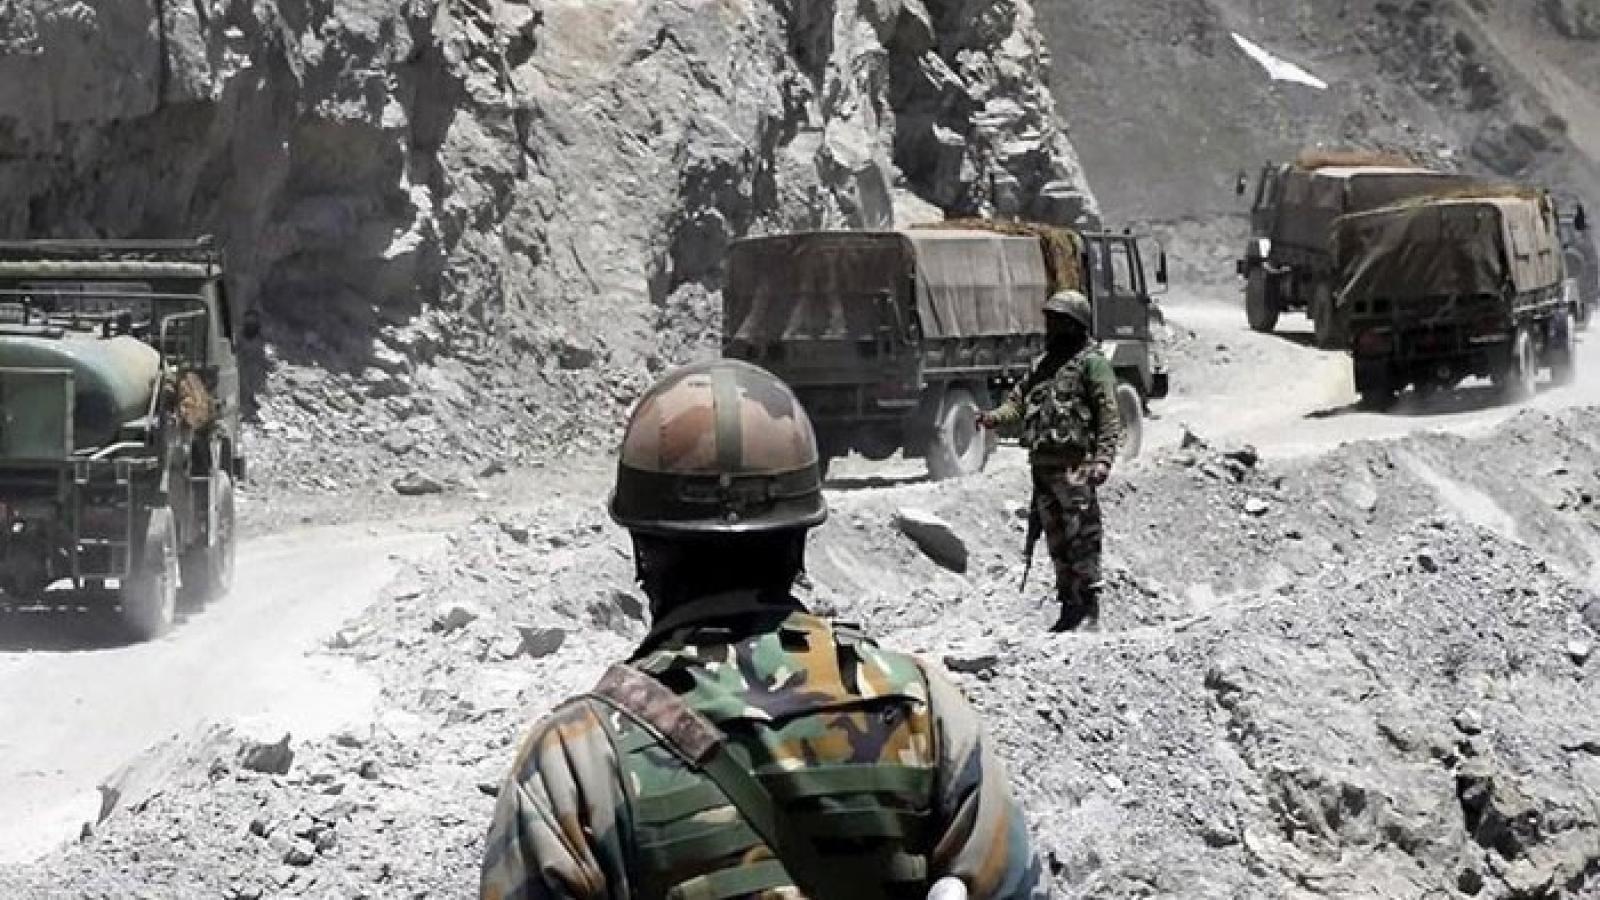 Ấn Độ lại tố Trung Quốc xâm nhập lãnh thổ